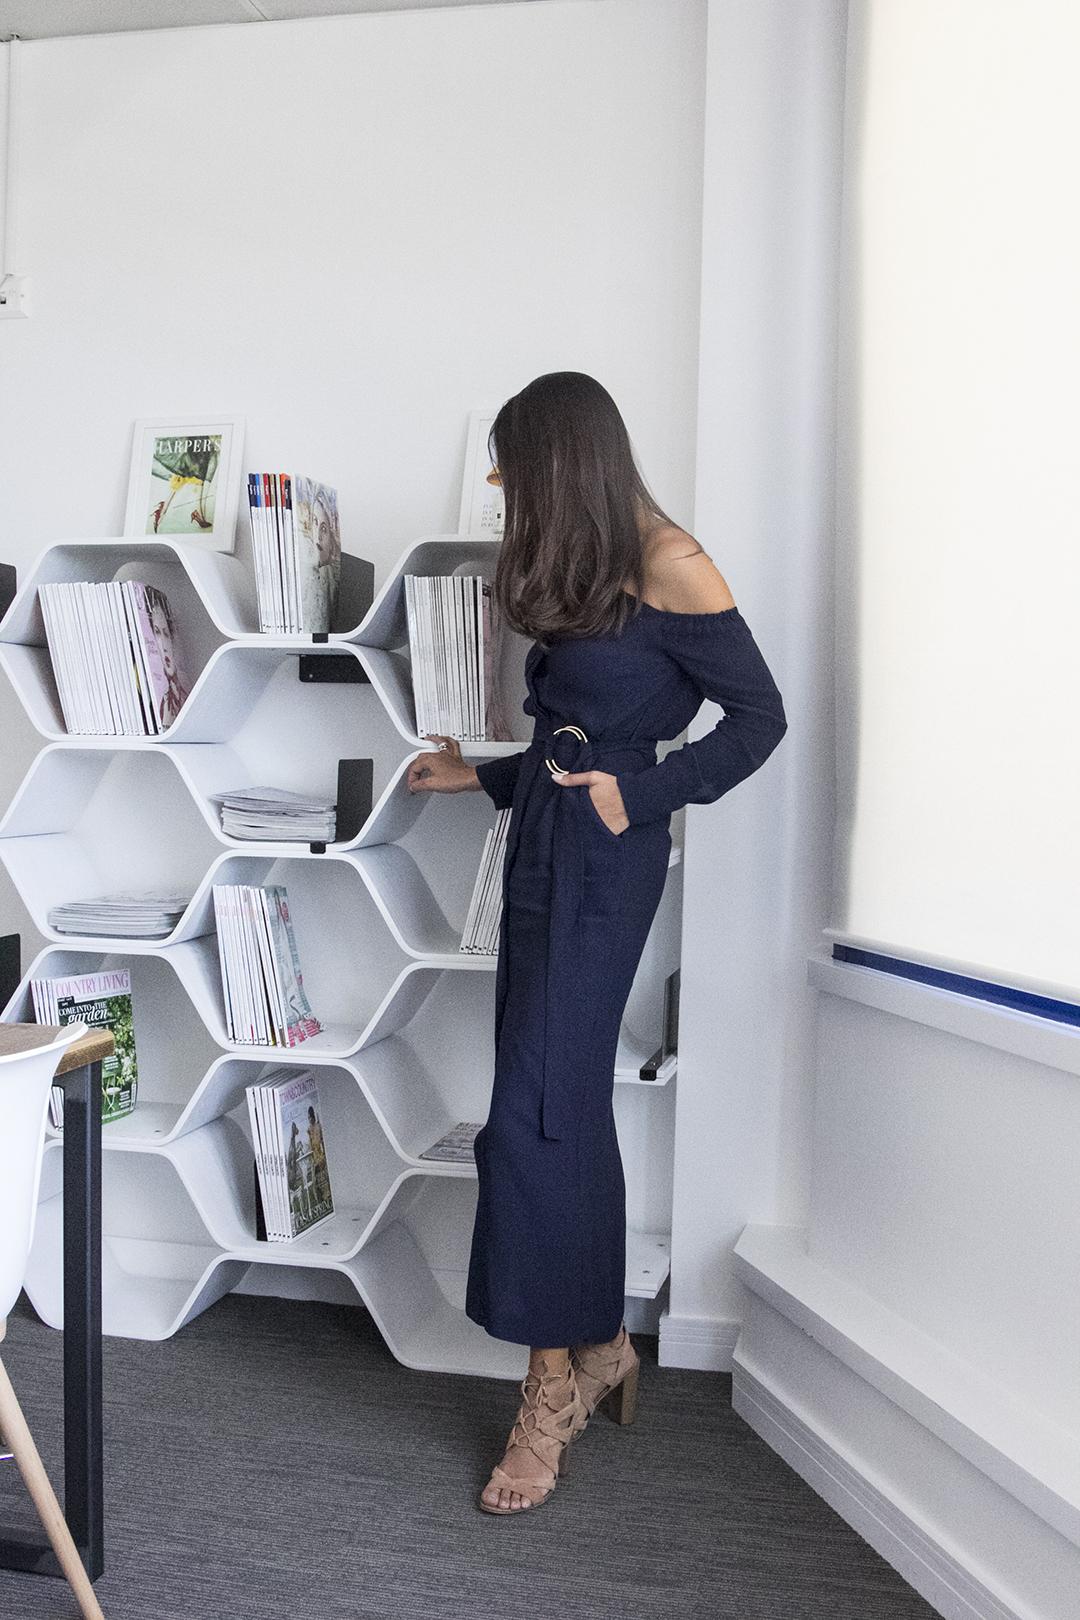 Harper's Bazaar editor, Sarah Karmali